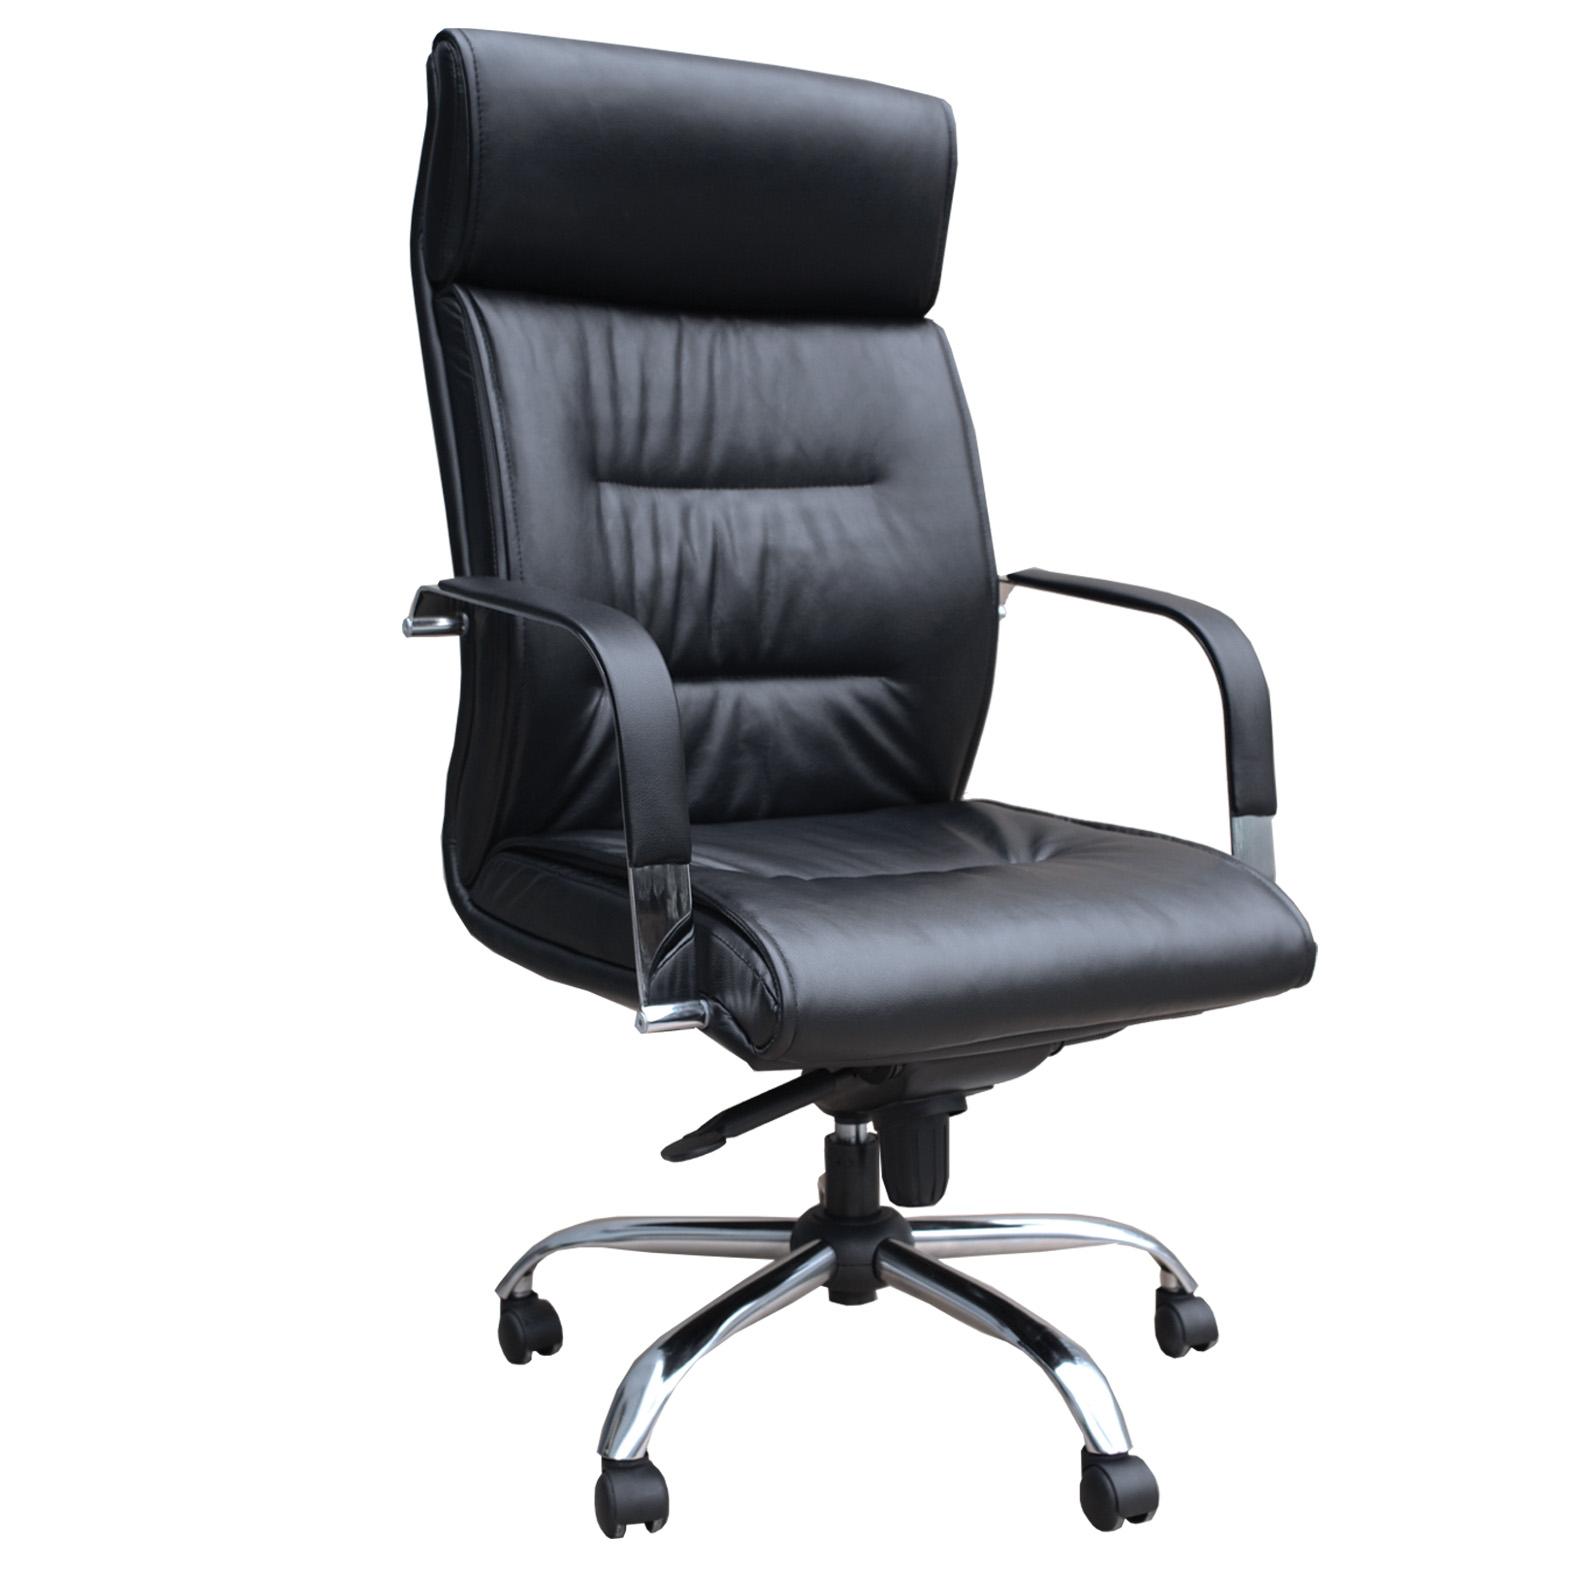 silla gerencial 4500 grupo meta soluciones de limpieza